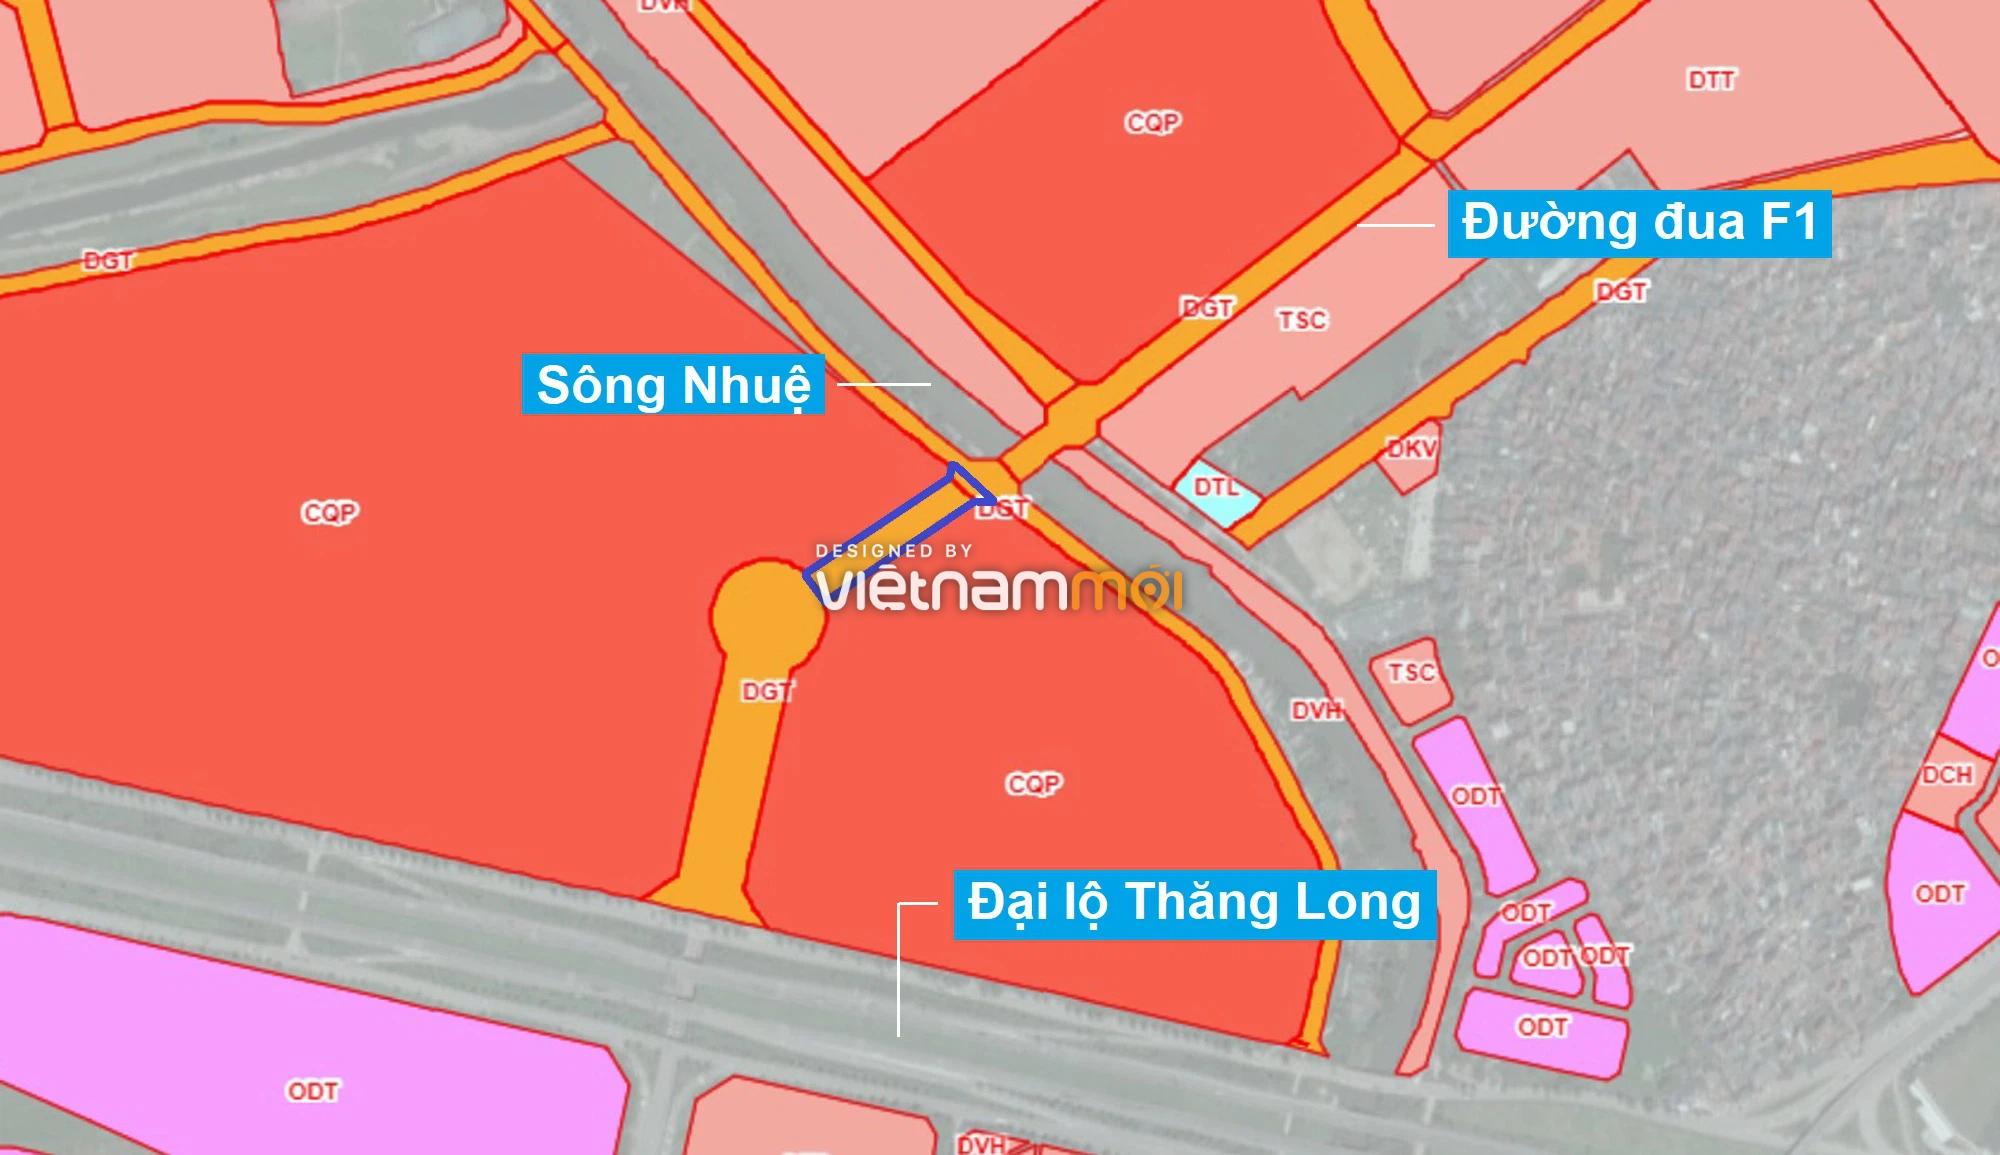 Những khu đất sắp thu hồi để mở đường ở phường Đại Mỗ, Nam Từ Liêm, Hà Nội (phần 1) - Ảnh 1.